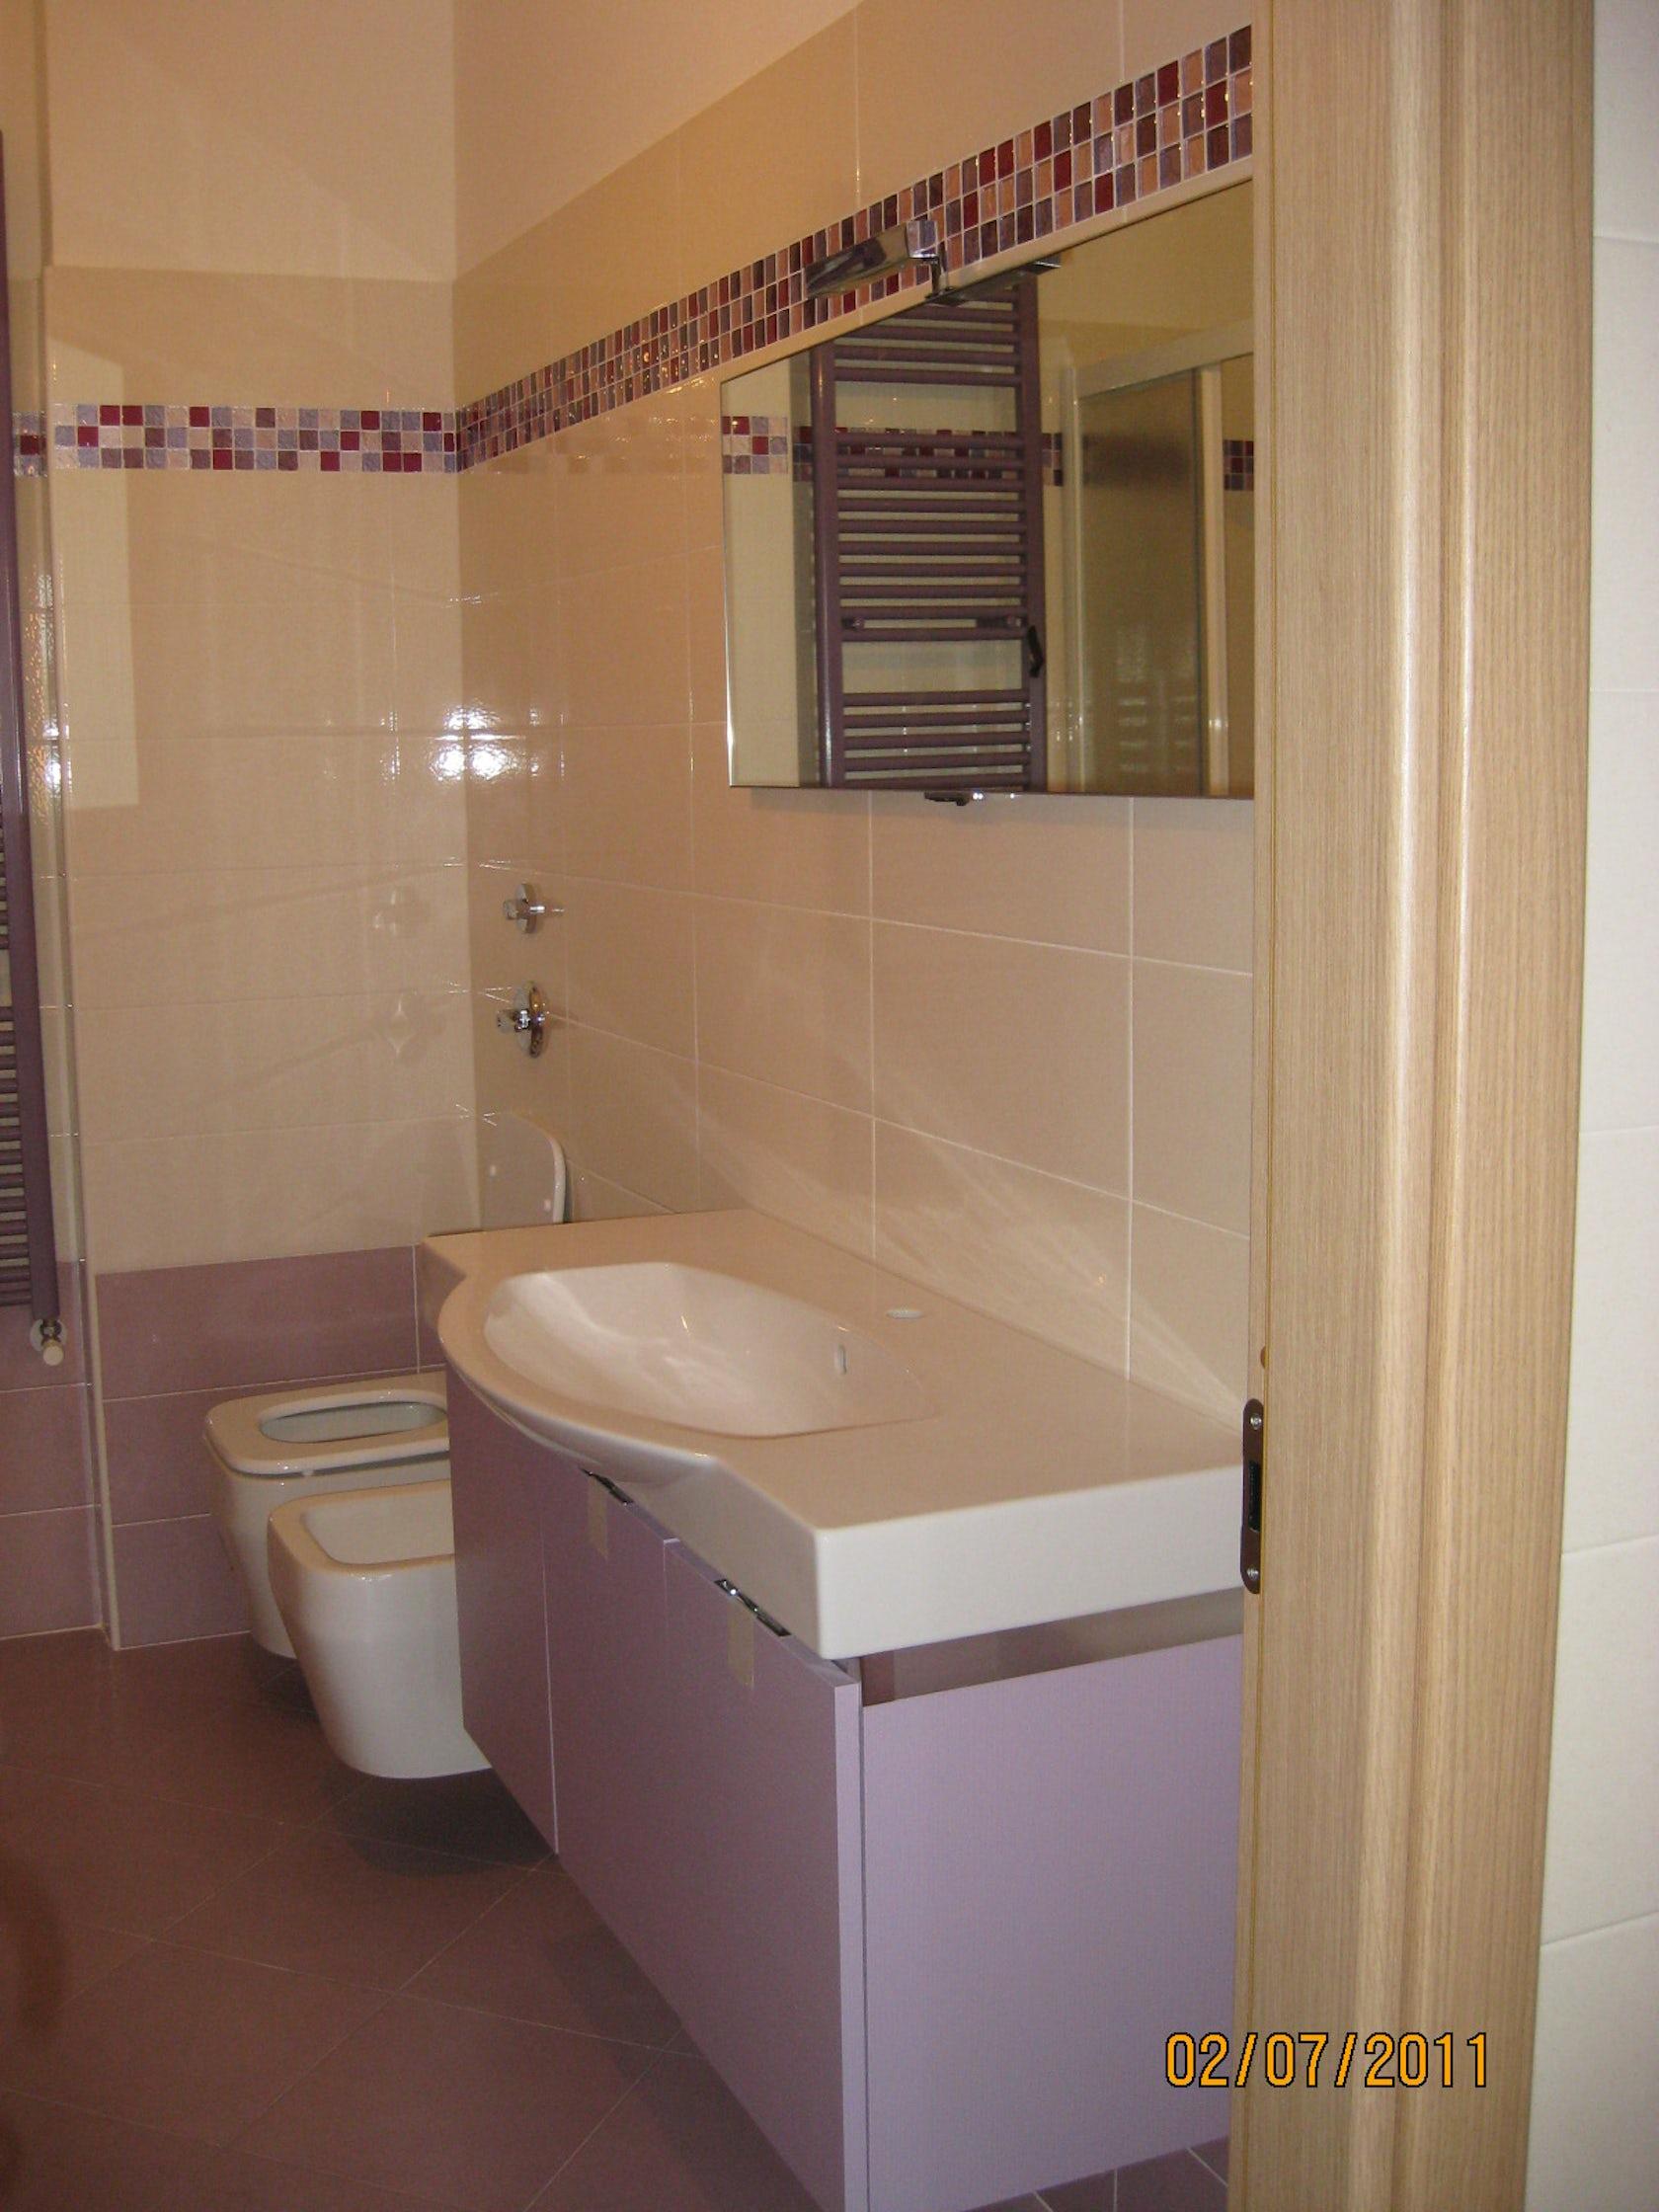 Bagno con mobili e rivestimenti glicine on Architizer